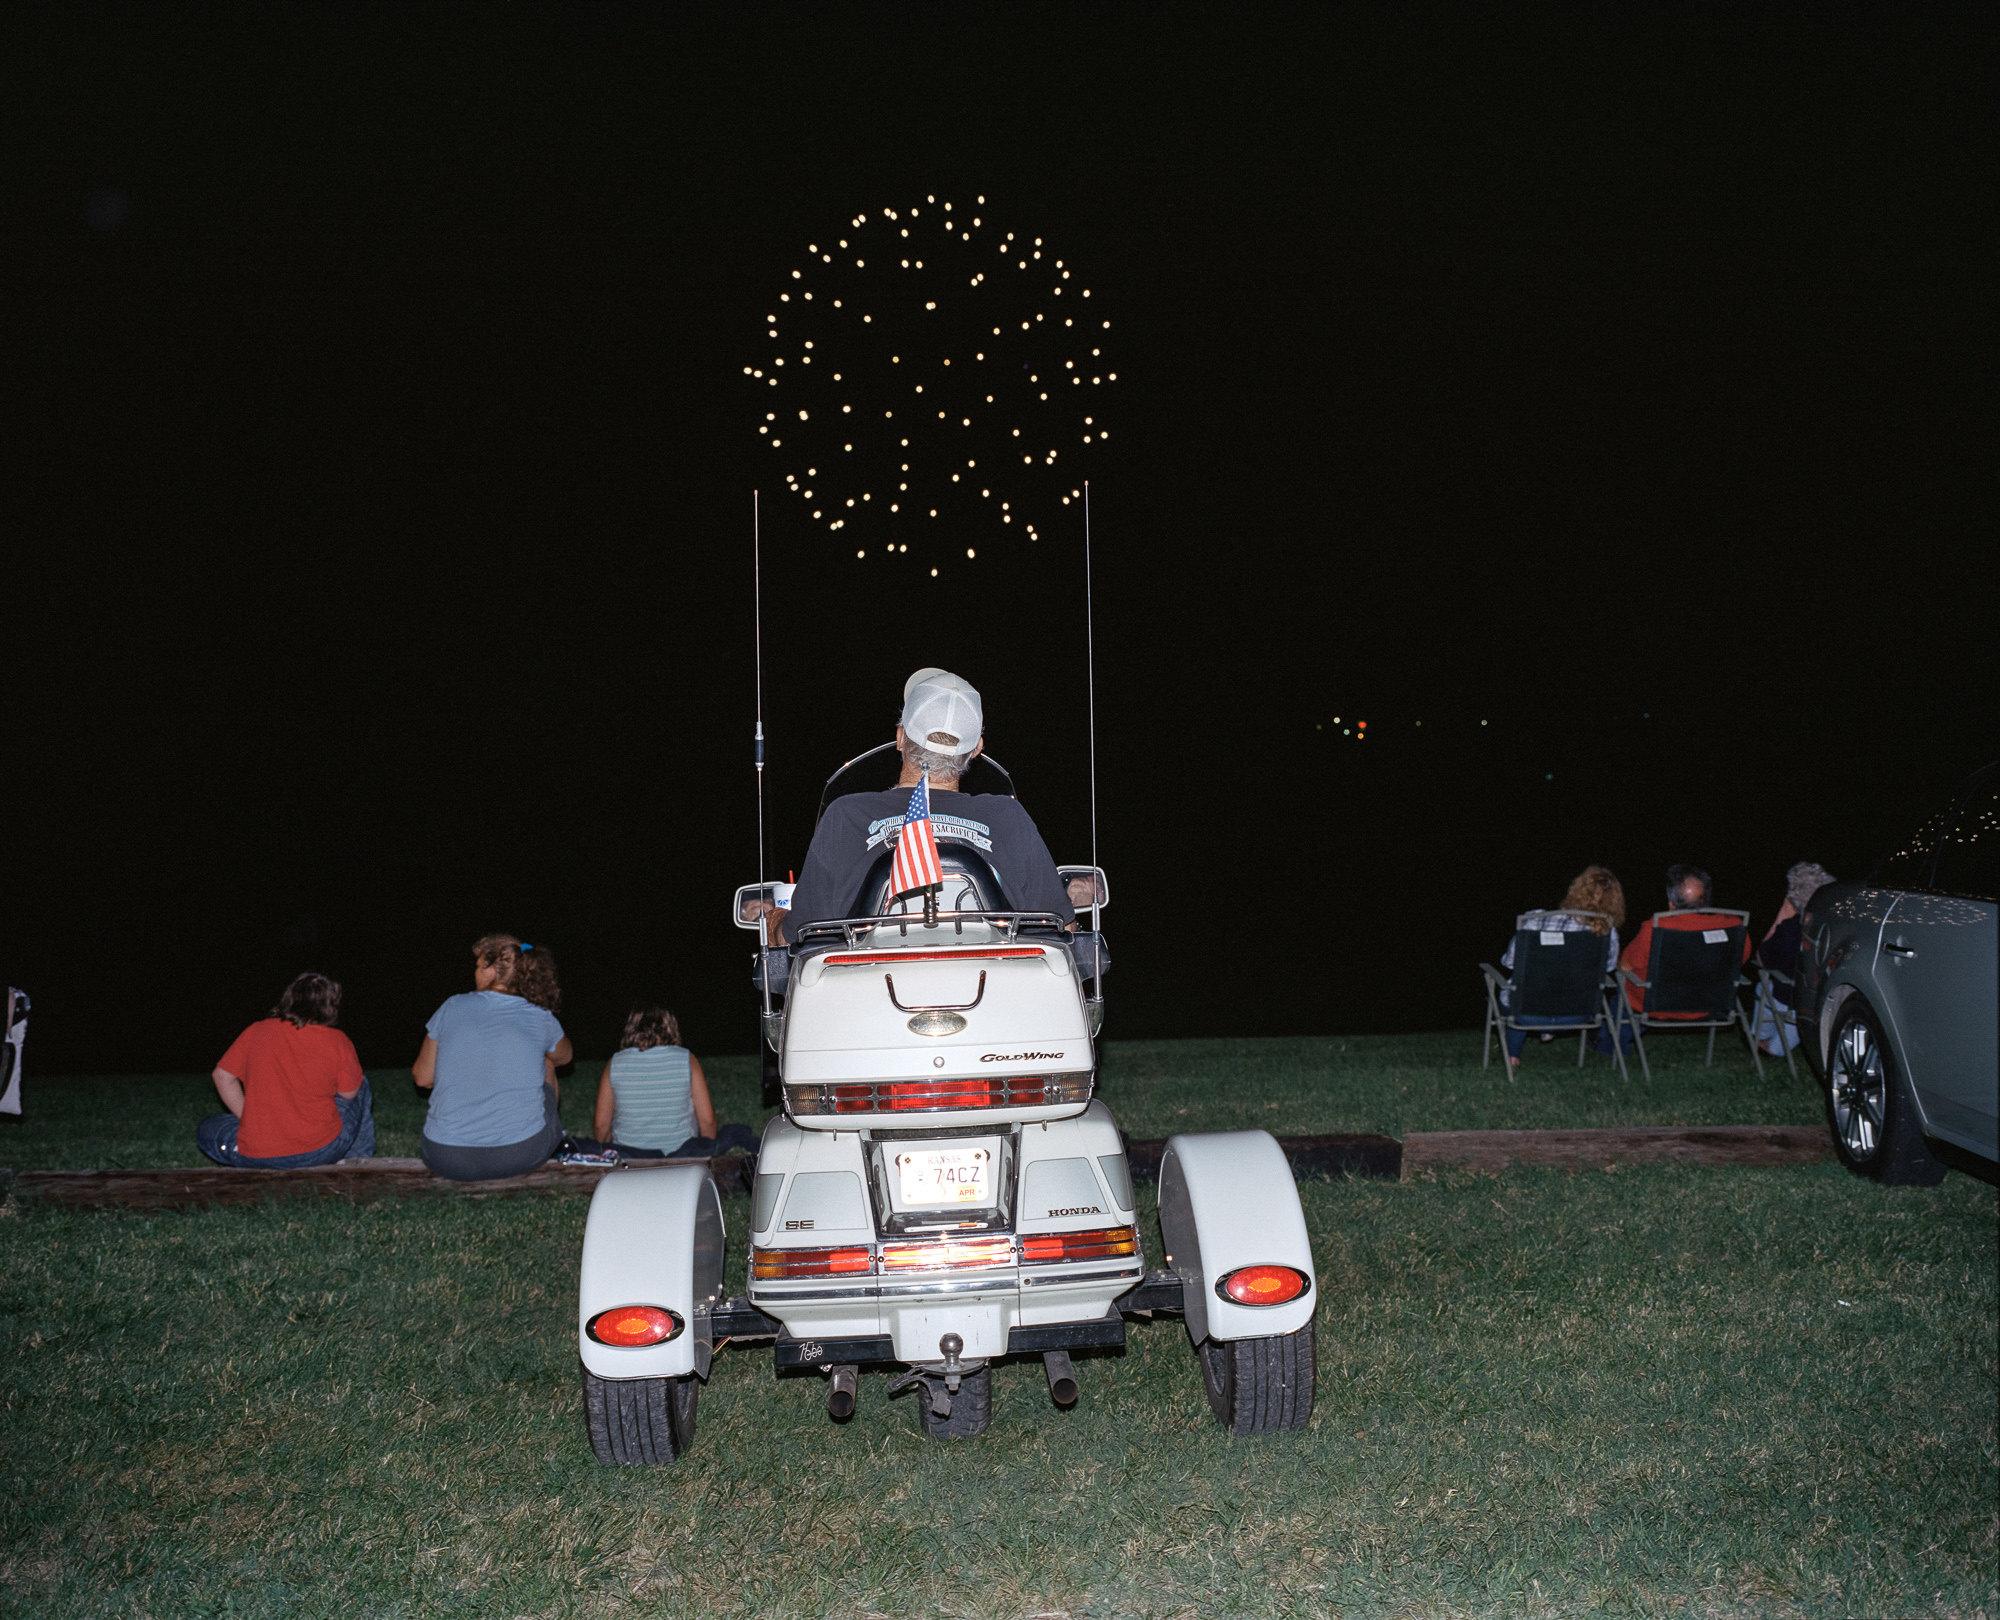 Празднование Дня независимости, Мэрисвилл, штат Канзас